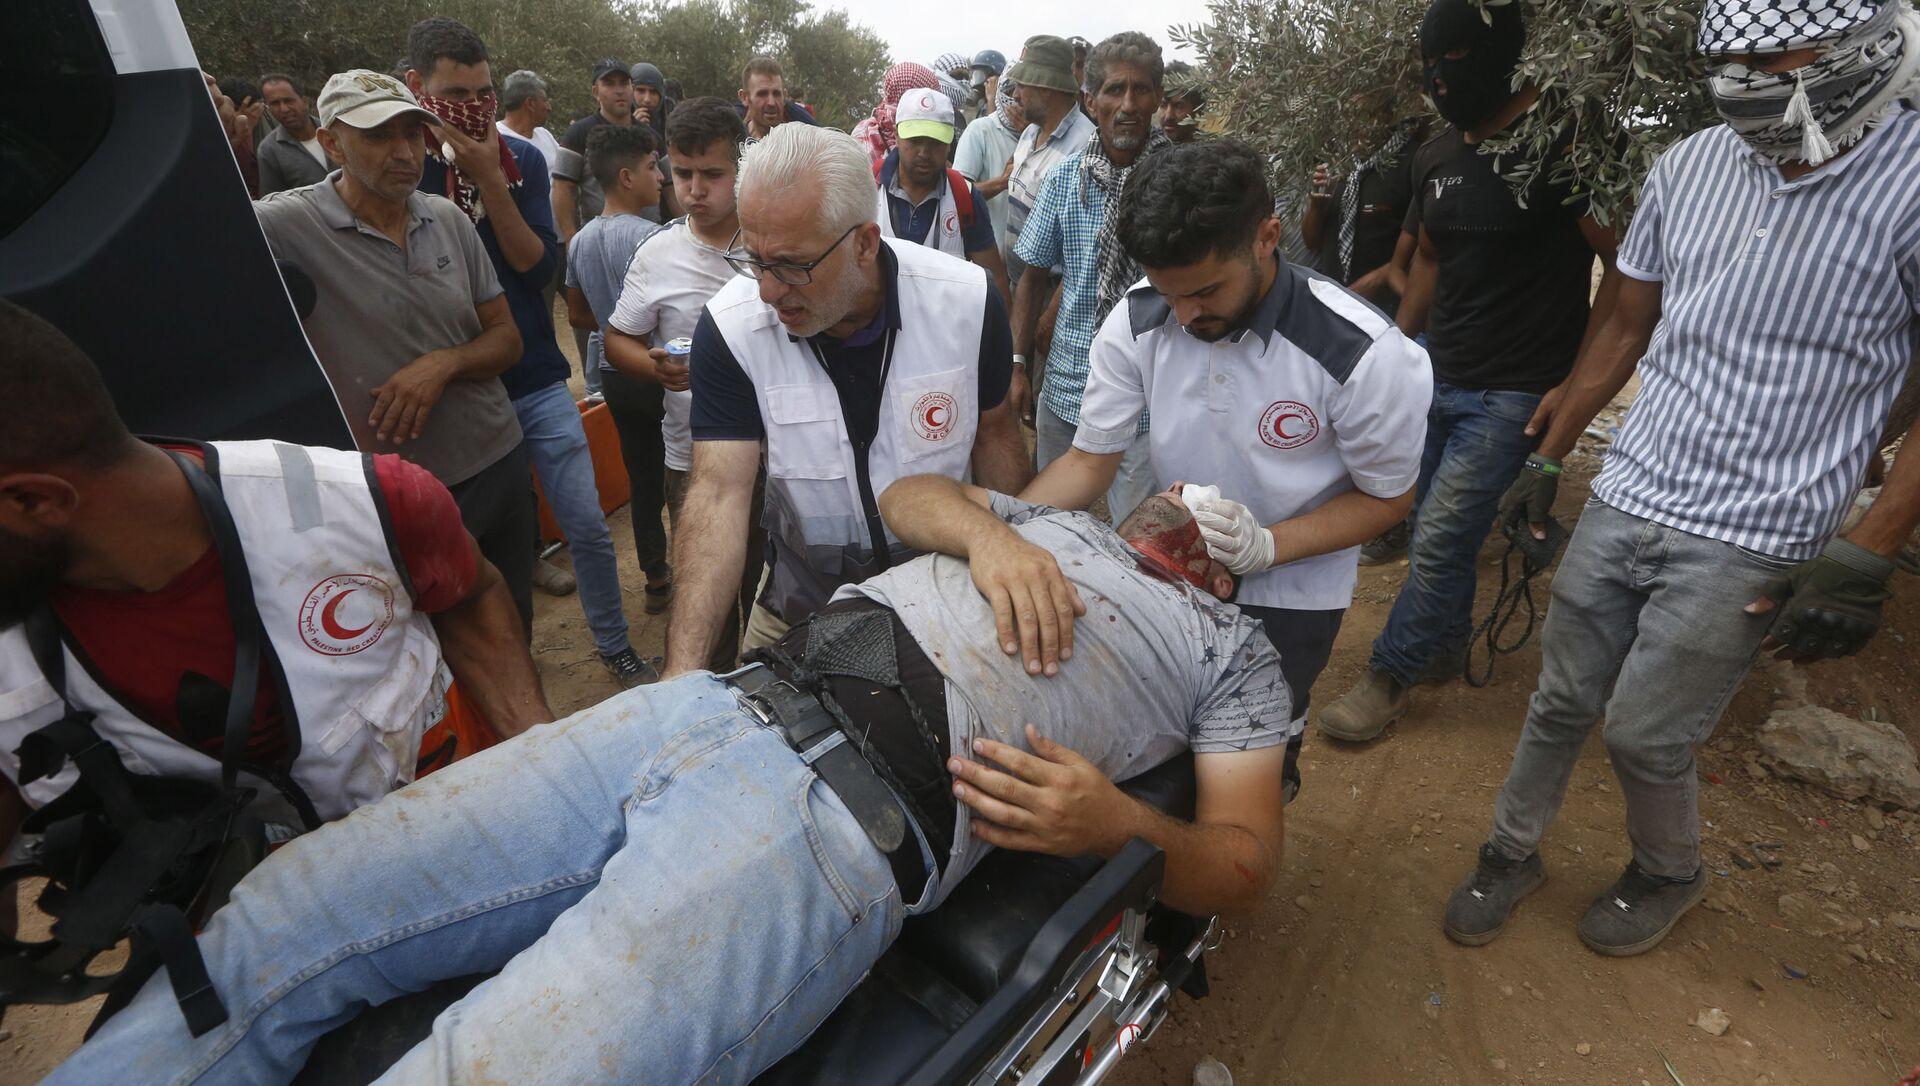 Filistin Kızılayı, İsrail güçlerinin Batı Şeria'nın Beita kasabasında yasa dışı Yahudi yerleşim politikalarına karşı gerçekleştirilen protestoya müdahalesinde 320 Filistinlinin yaralandığını duyurdu. - Sputnik Türkiye, 1920, 24.07.2021